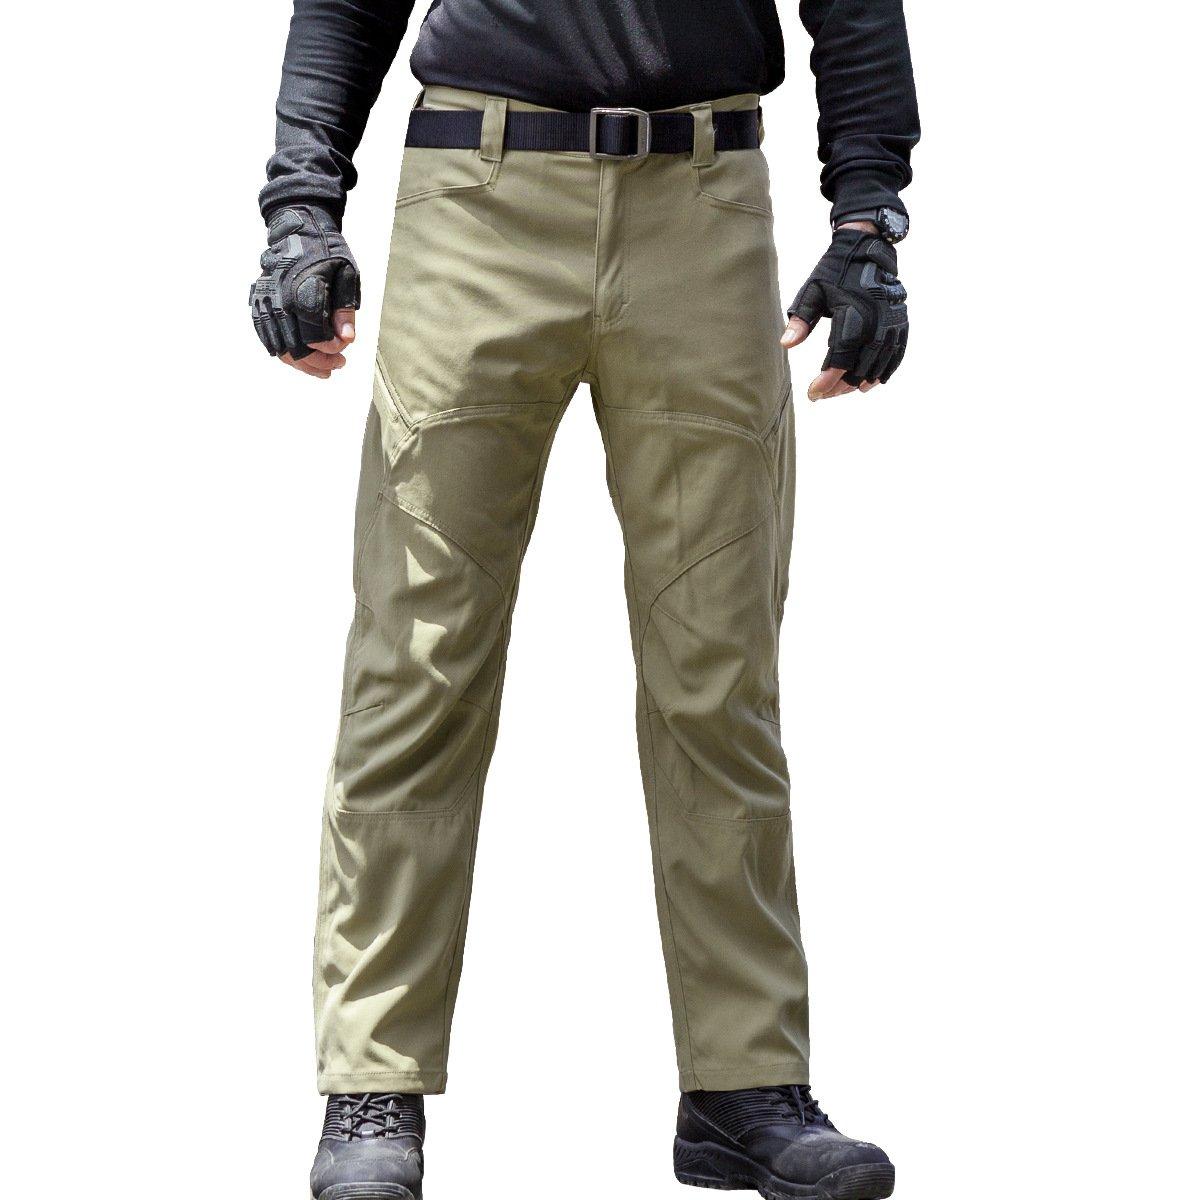 FREE SOLDIER Arbeit Arbeit SOLDIER Cargo Hose  ndash  Herren Tactical  Outdoor Leicht Wasserabweisend Elastische Taille ... b6f190e45a